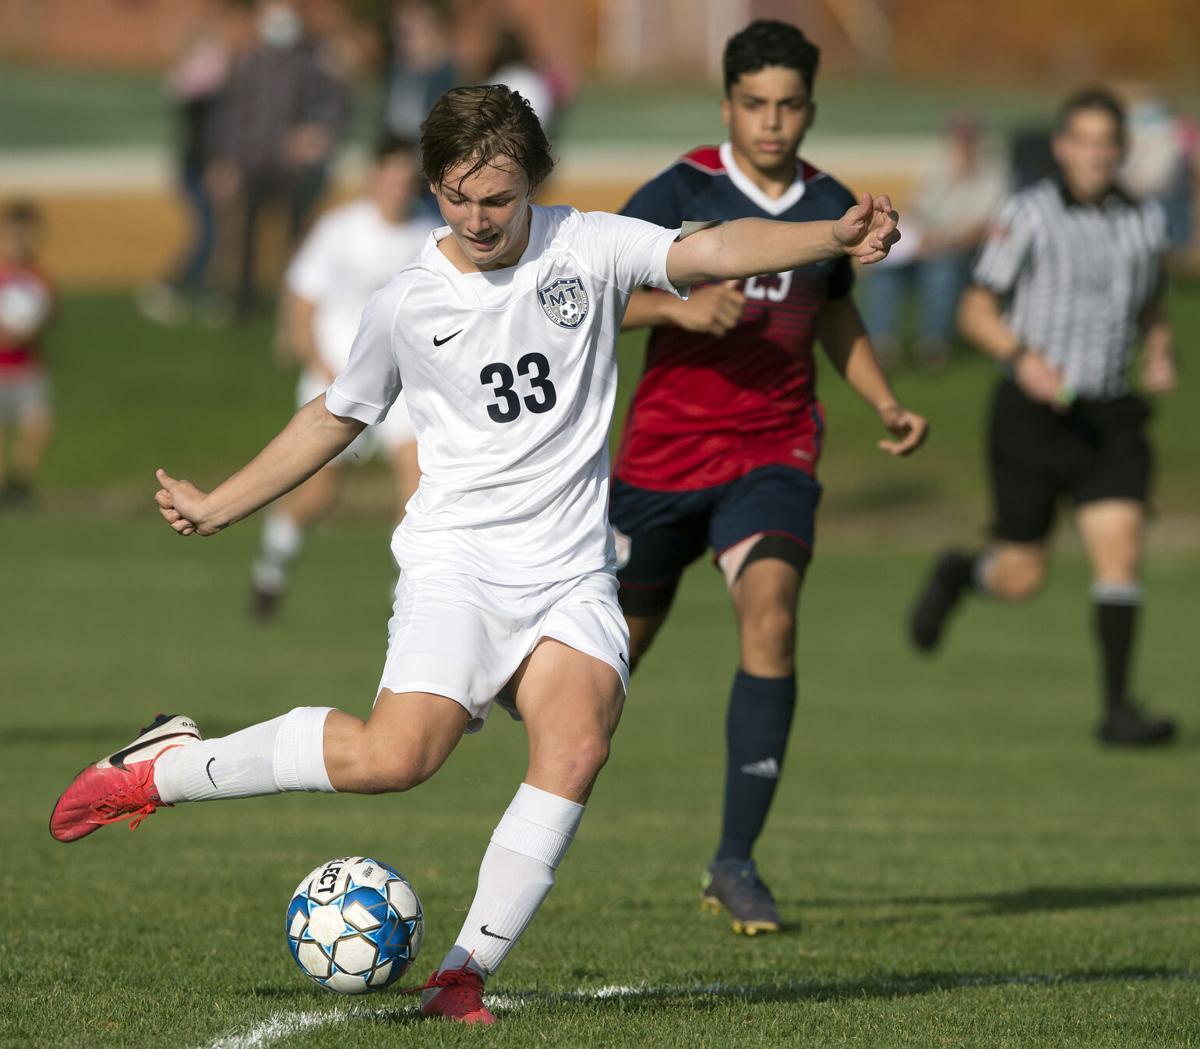 Manheim Twp. vs Conestoga Valley-LL Boys Soccer